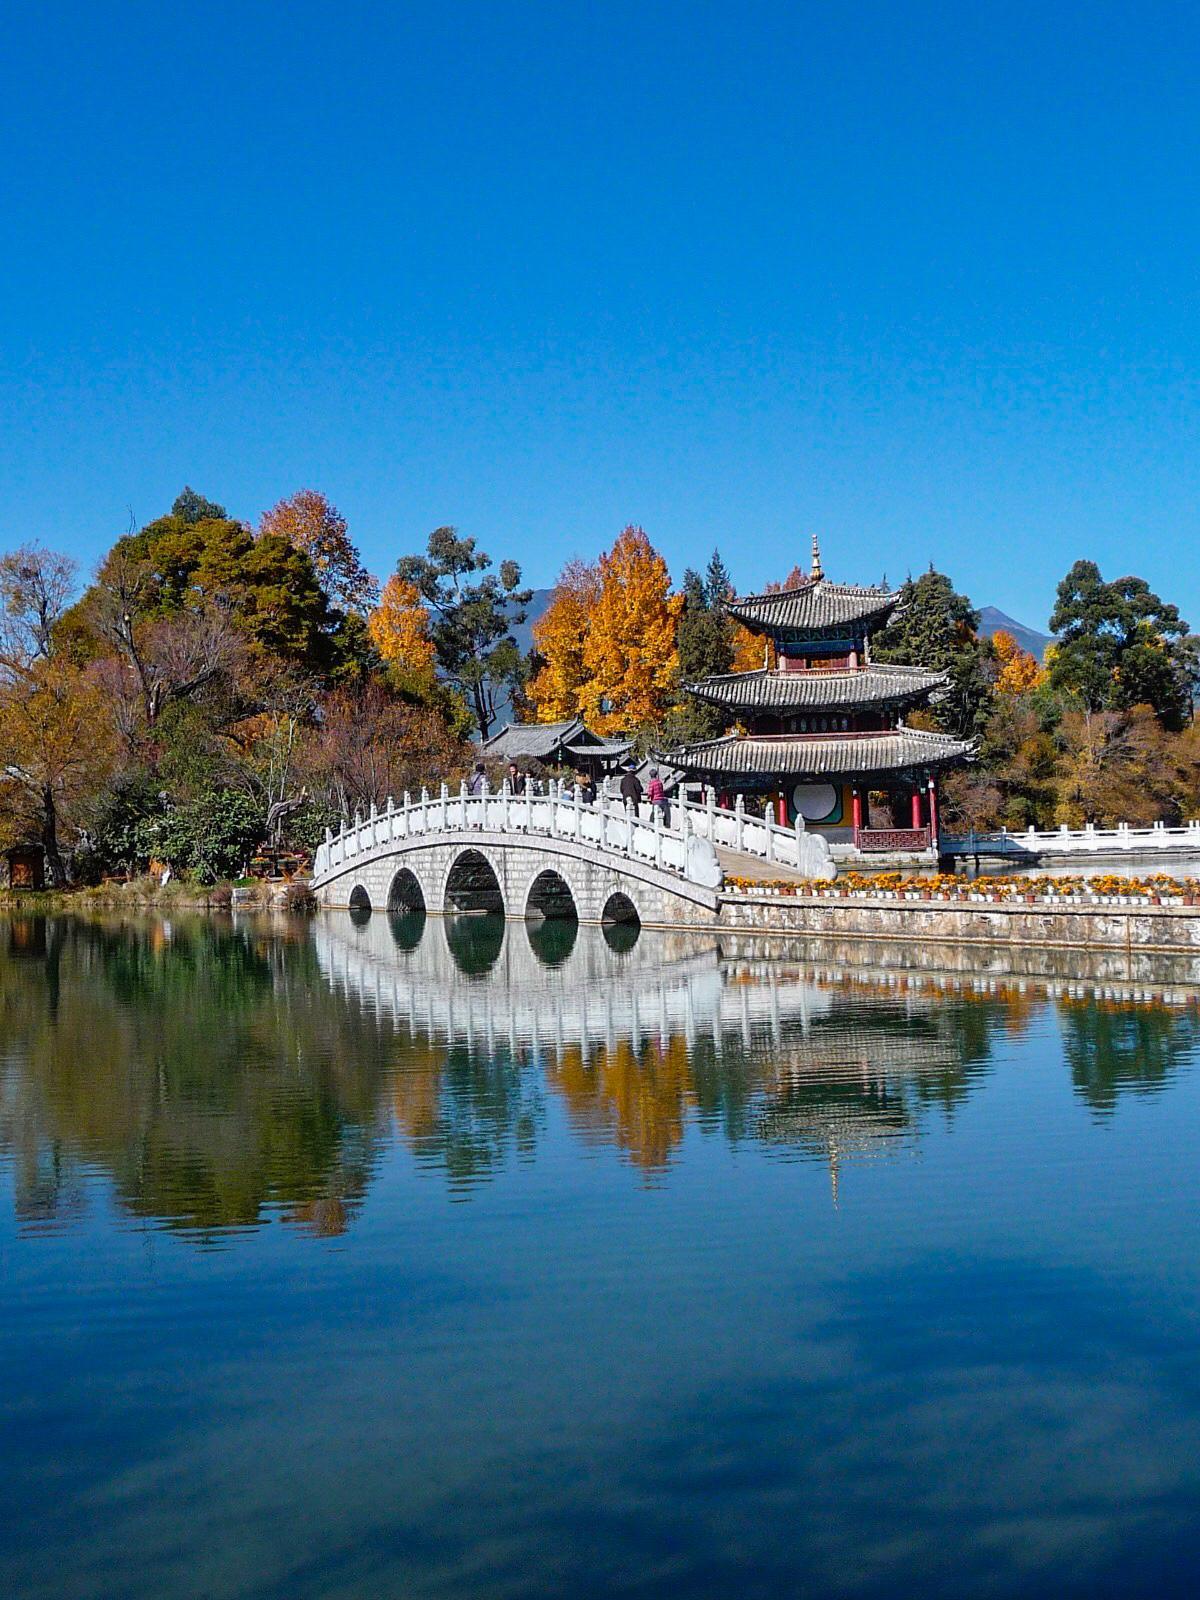 Essere un turista sostenibile - Lijiang Old town, lago con ponte e pagoda in autunno